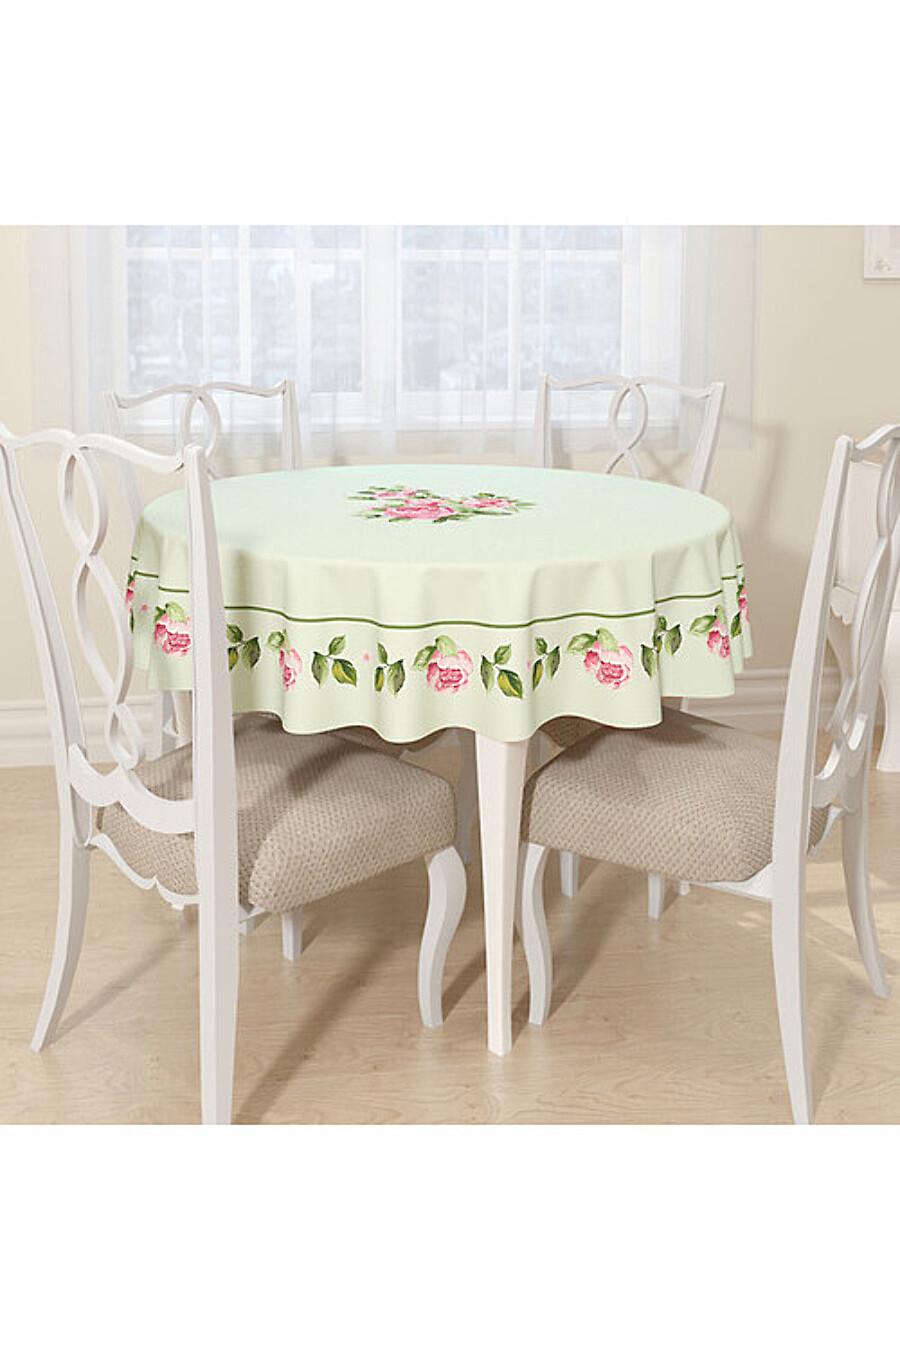 Скатерть для дома ART HOME TEXTILE 180115 купить оптом от производителя. Совместная покупка товаров для дома в OptMoyo